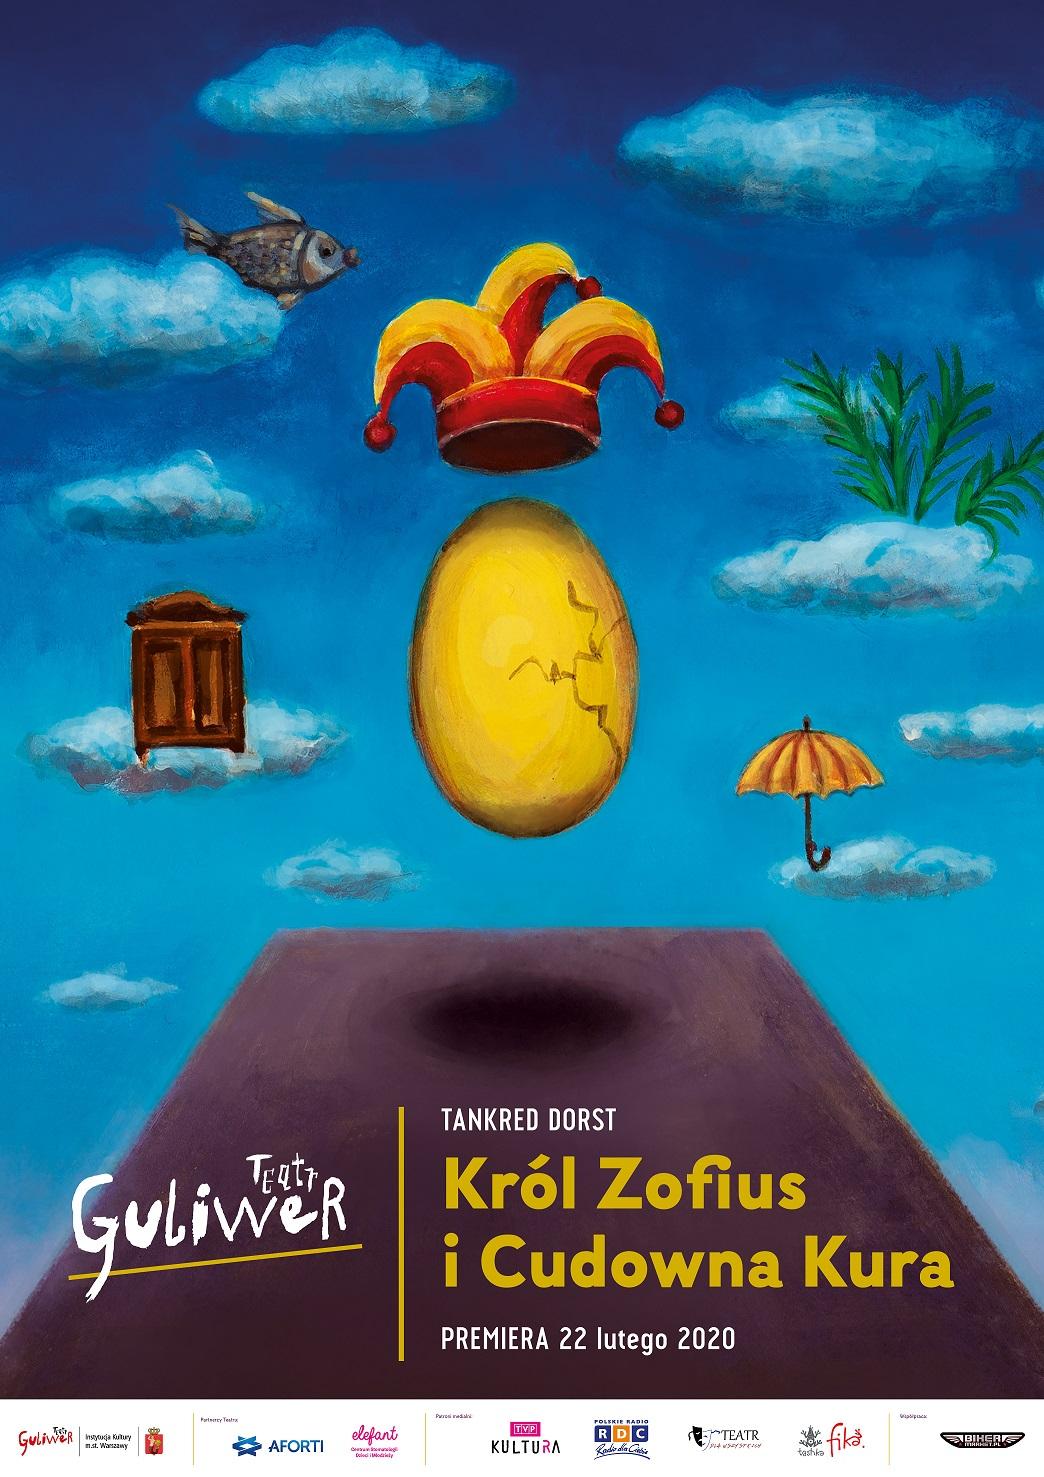 Premierowy spektakl: Król Zofius i Cudowna Kura